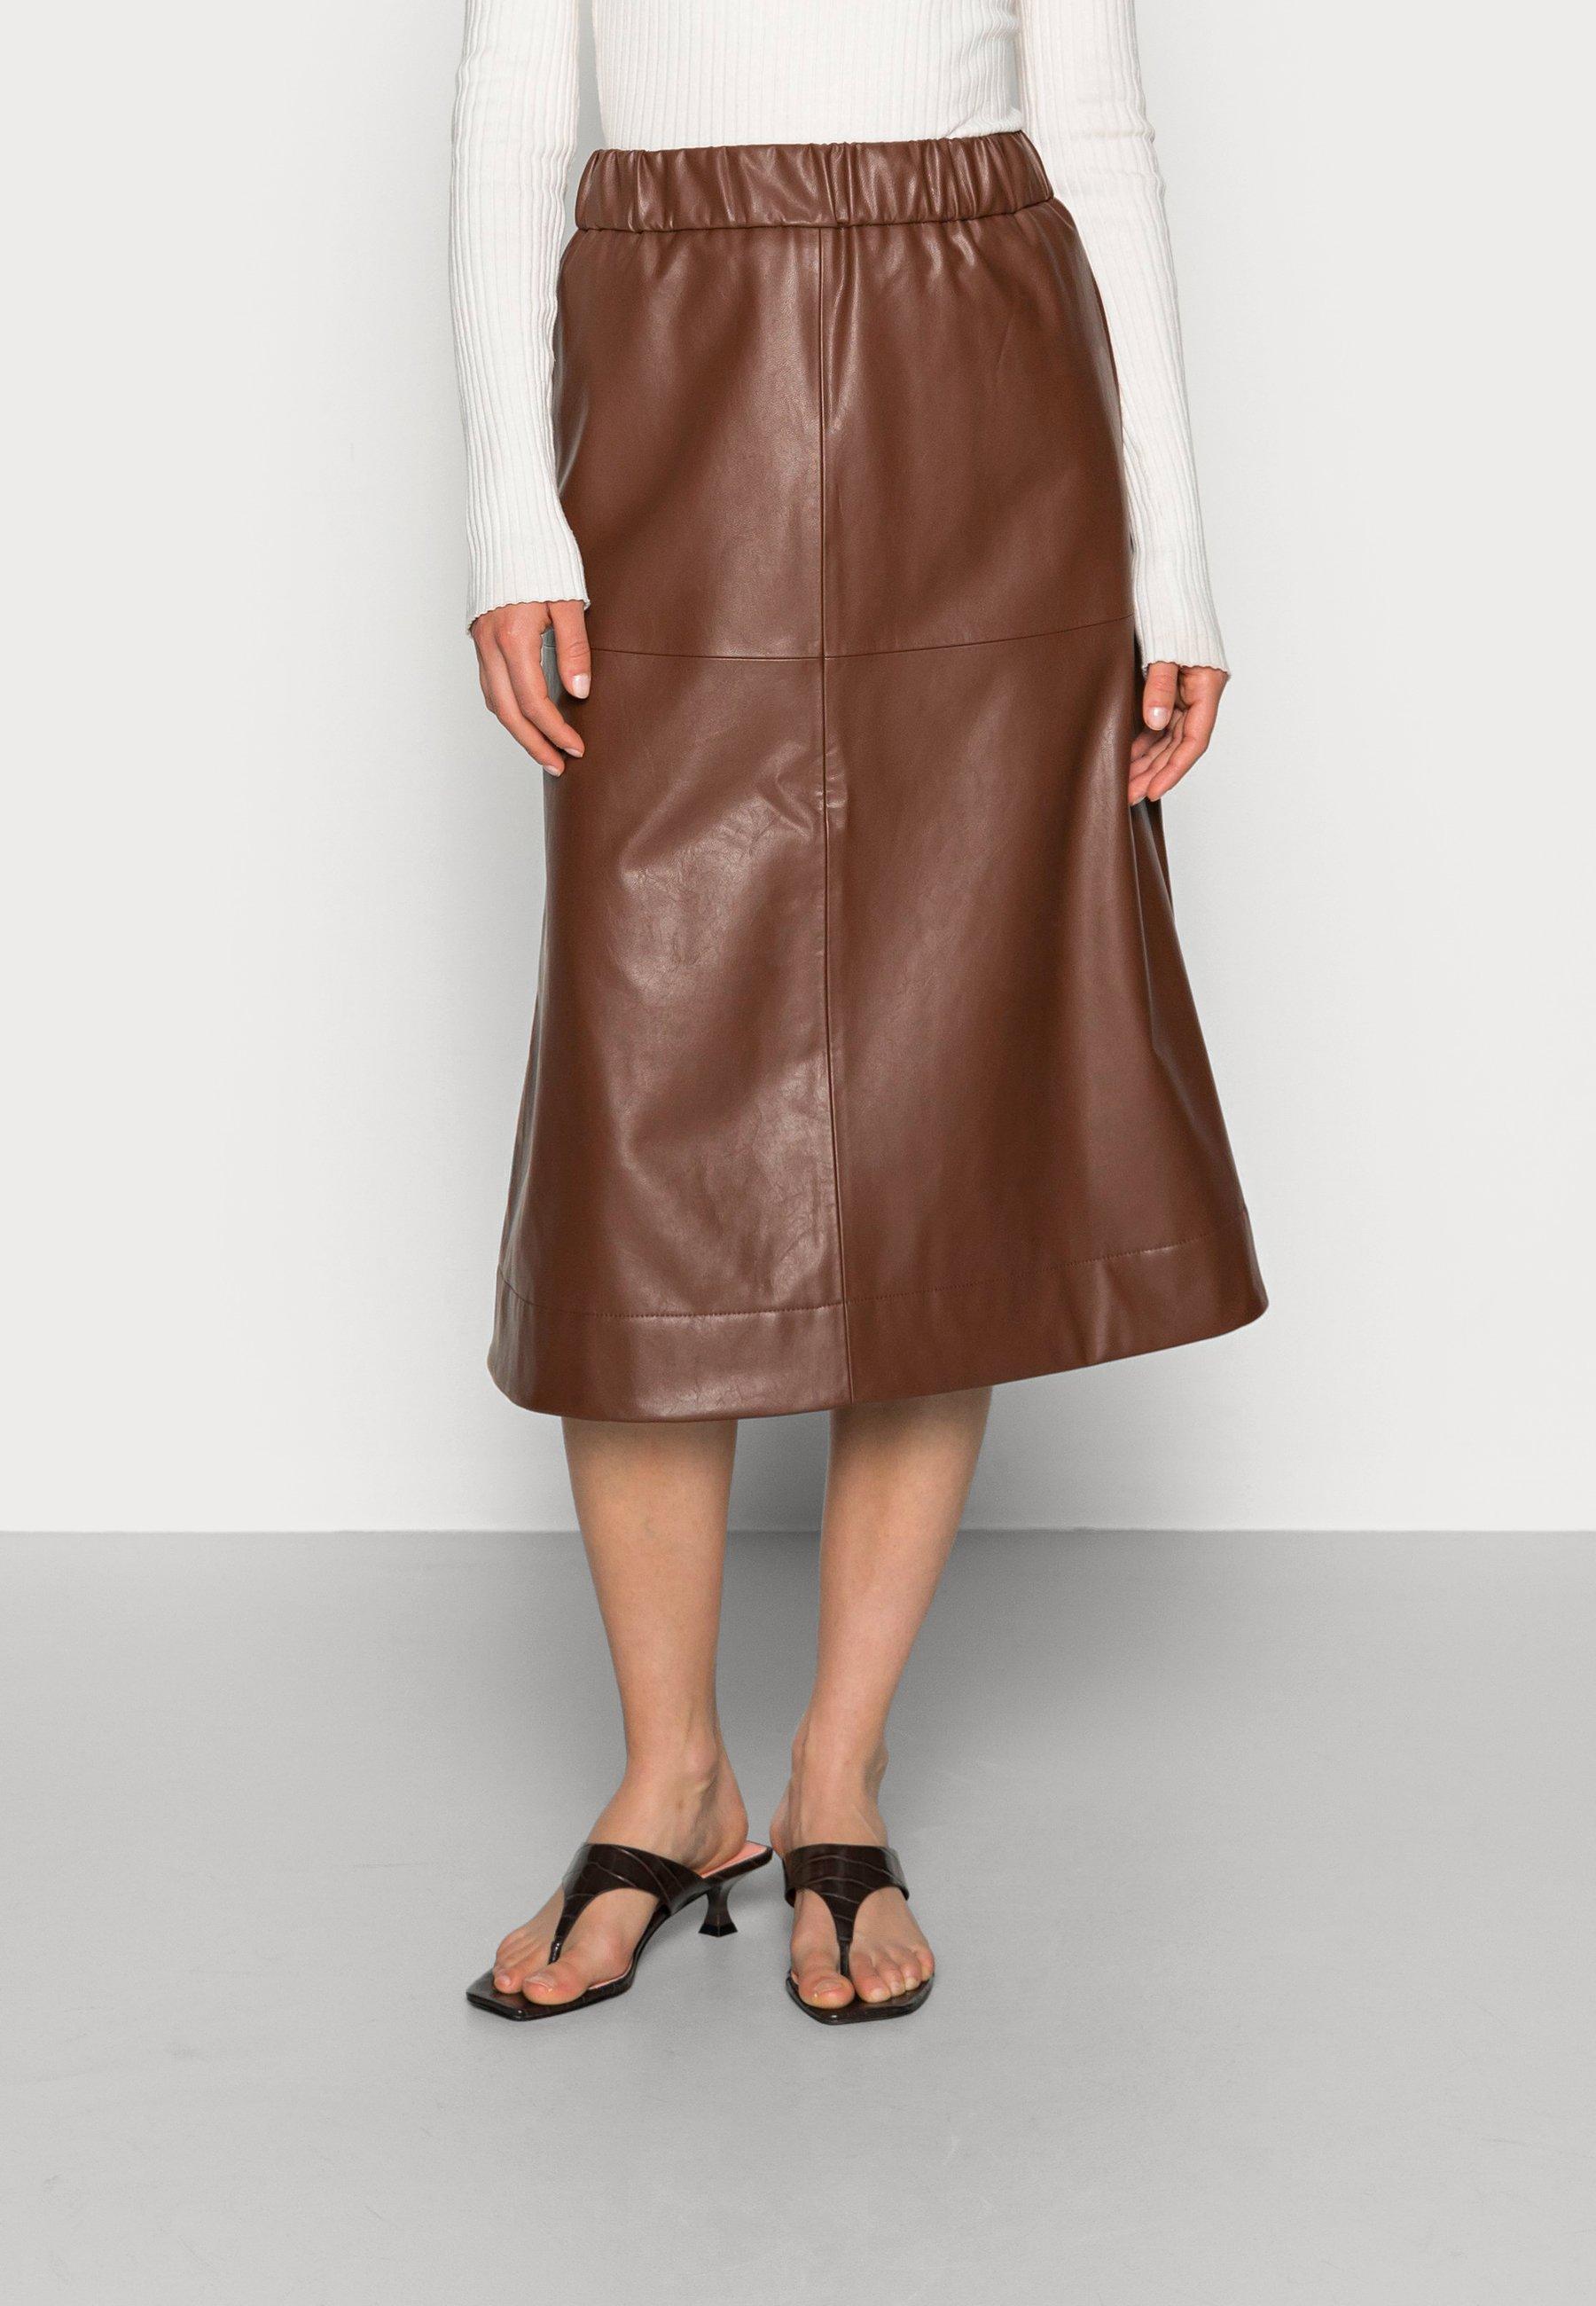 Femme SKIRT - Jupe en cuir